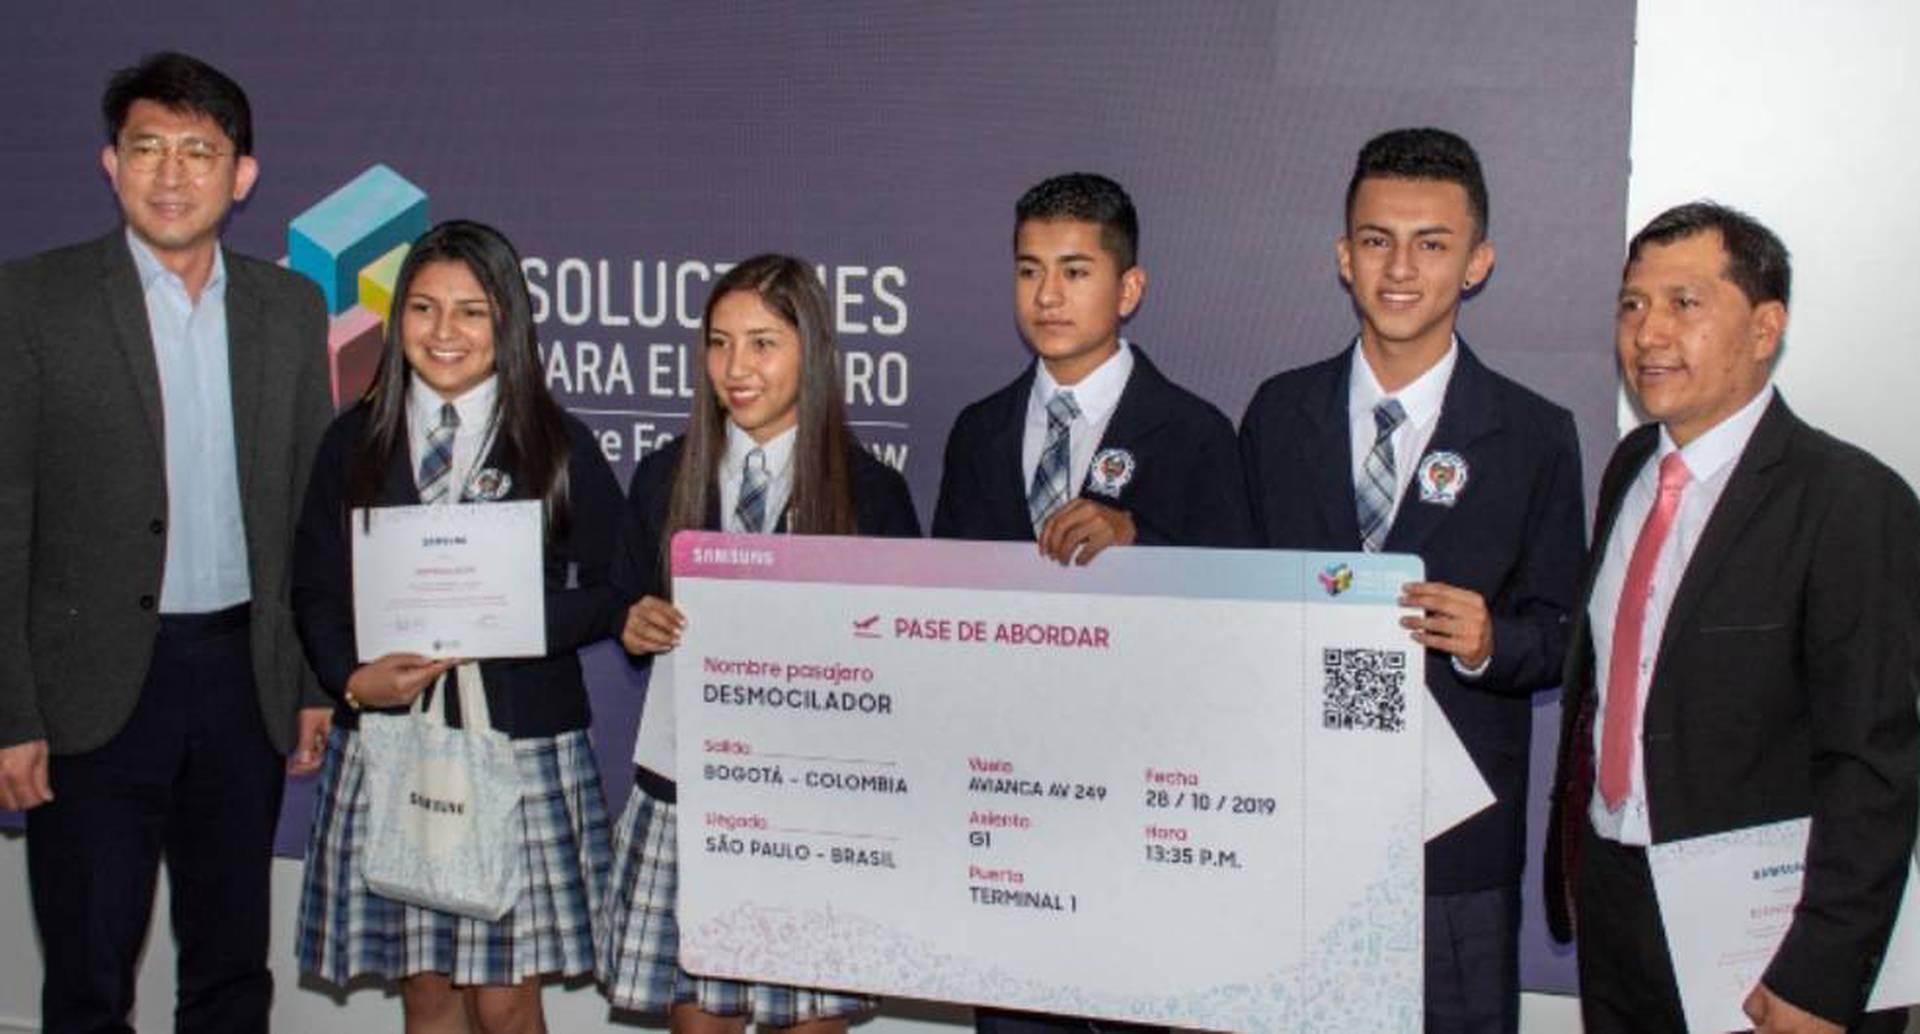 Los estudiantes recibieron el premio de manos del presidente de Samsung Colombia, Mr. Young Kim.